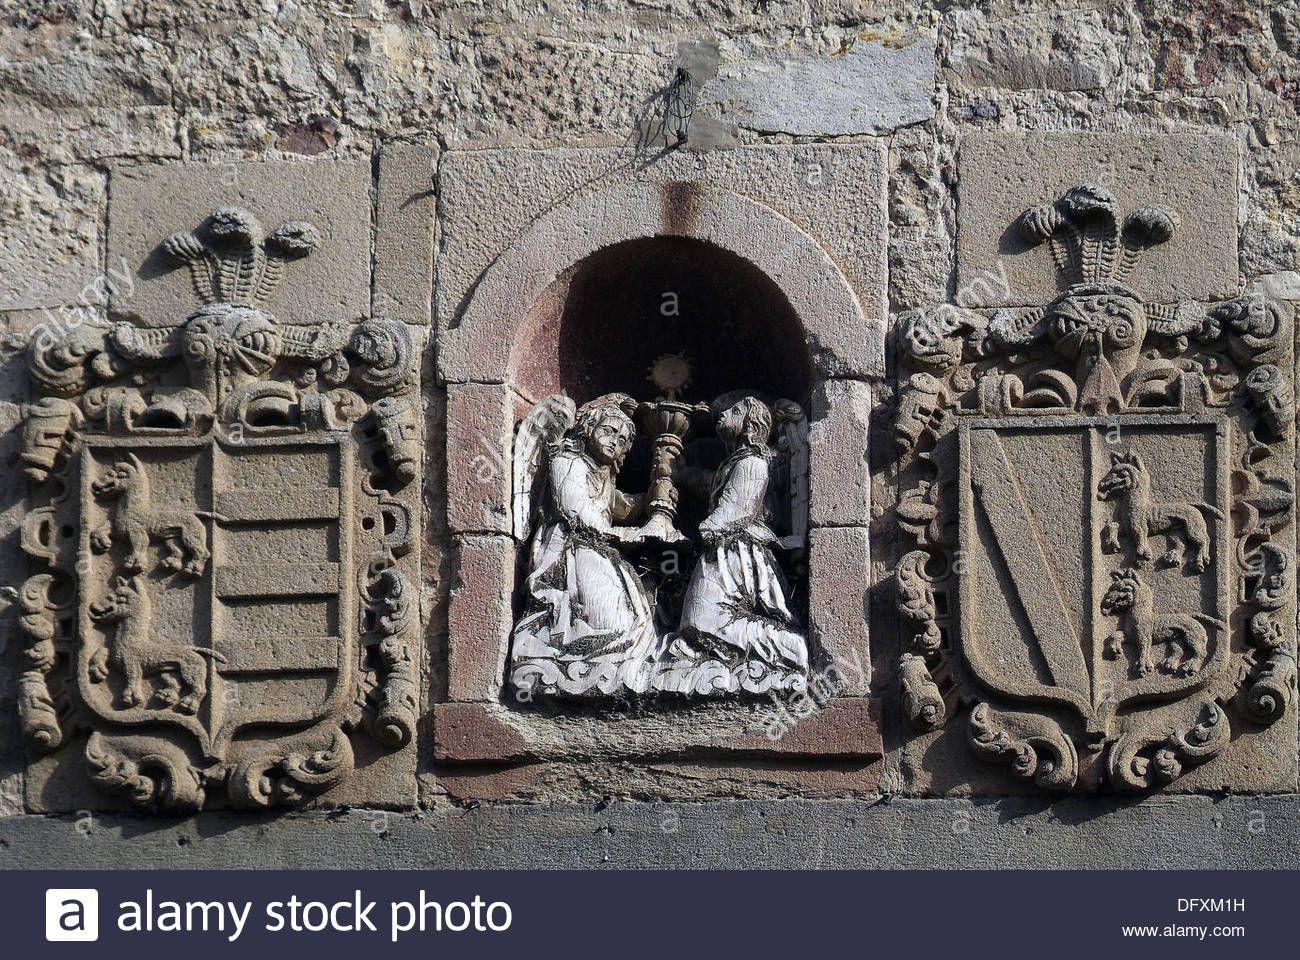 El Tránsito convent. Detalle de los diferentes escudos heraldicos sobre el portico. Siglo XVI. Zamora. Castilla-León. Spain. Stock Photo